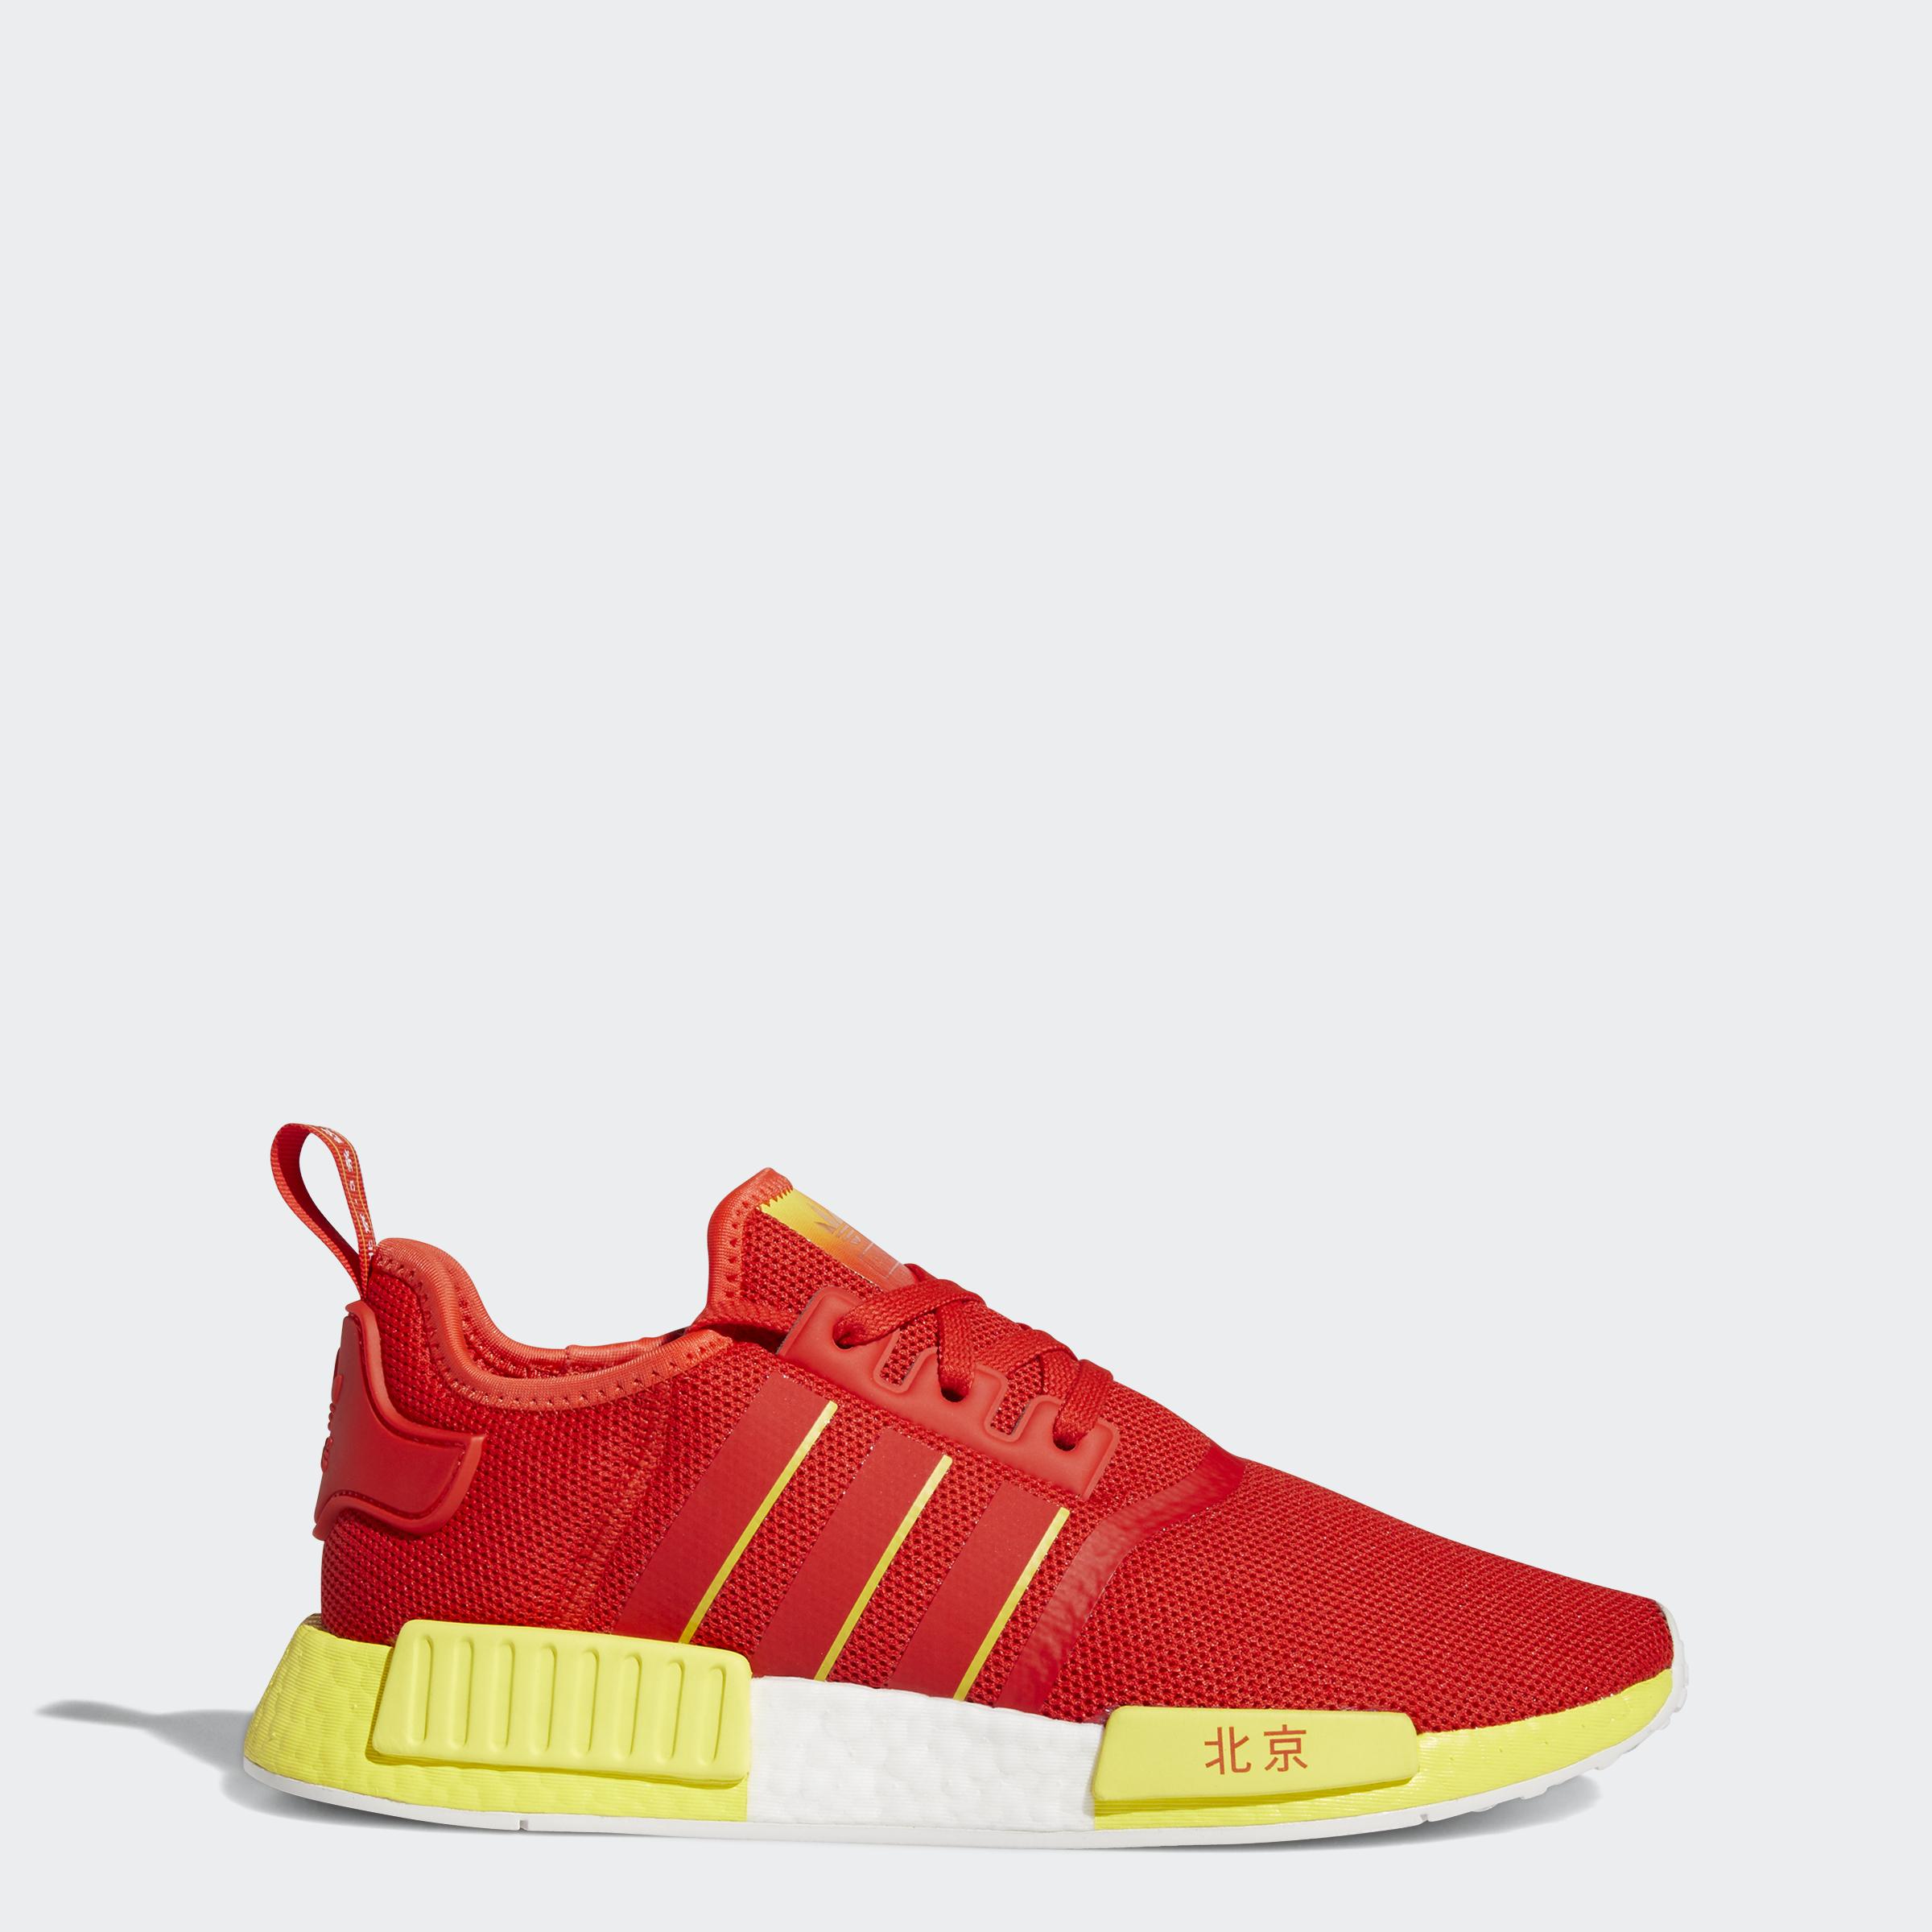 Adidas Originales NMD_R1 BEIJING Zapatos para hombre   eBay